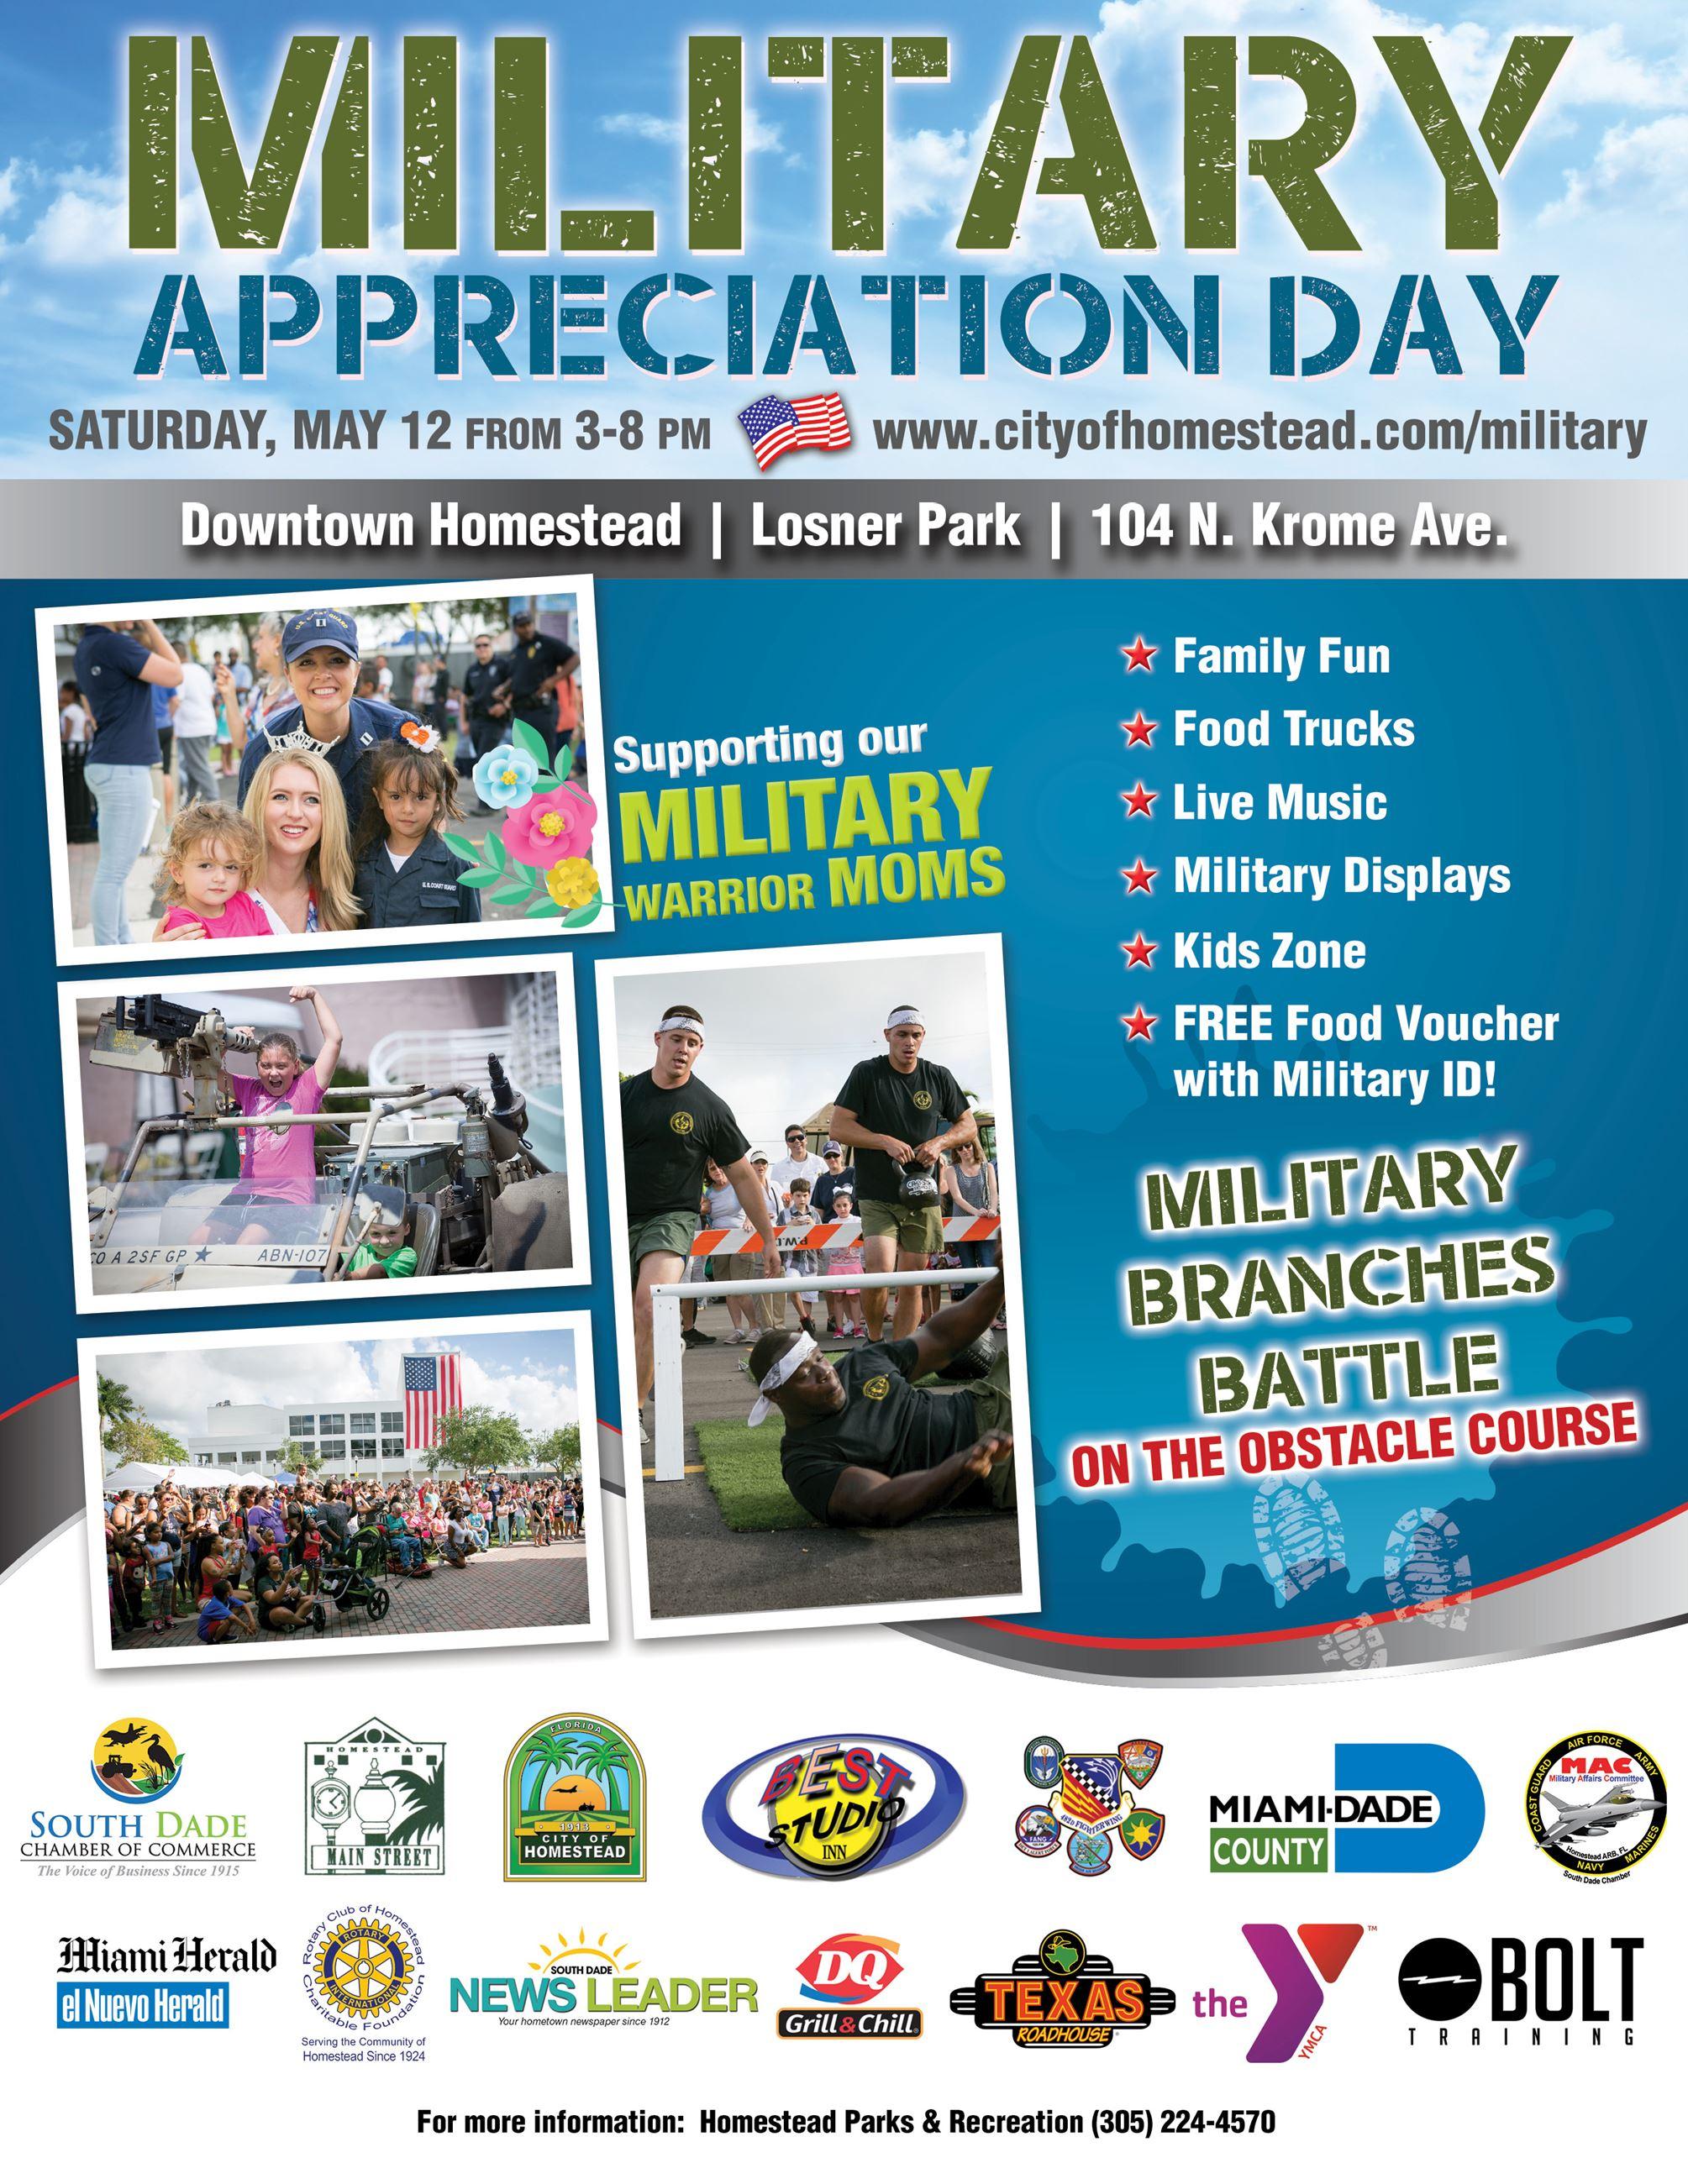 Military Appreciation Day 2018 Digital Flyer English